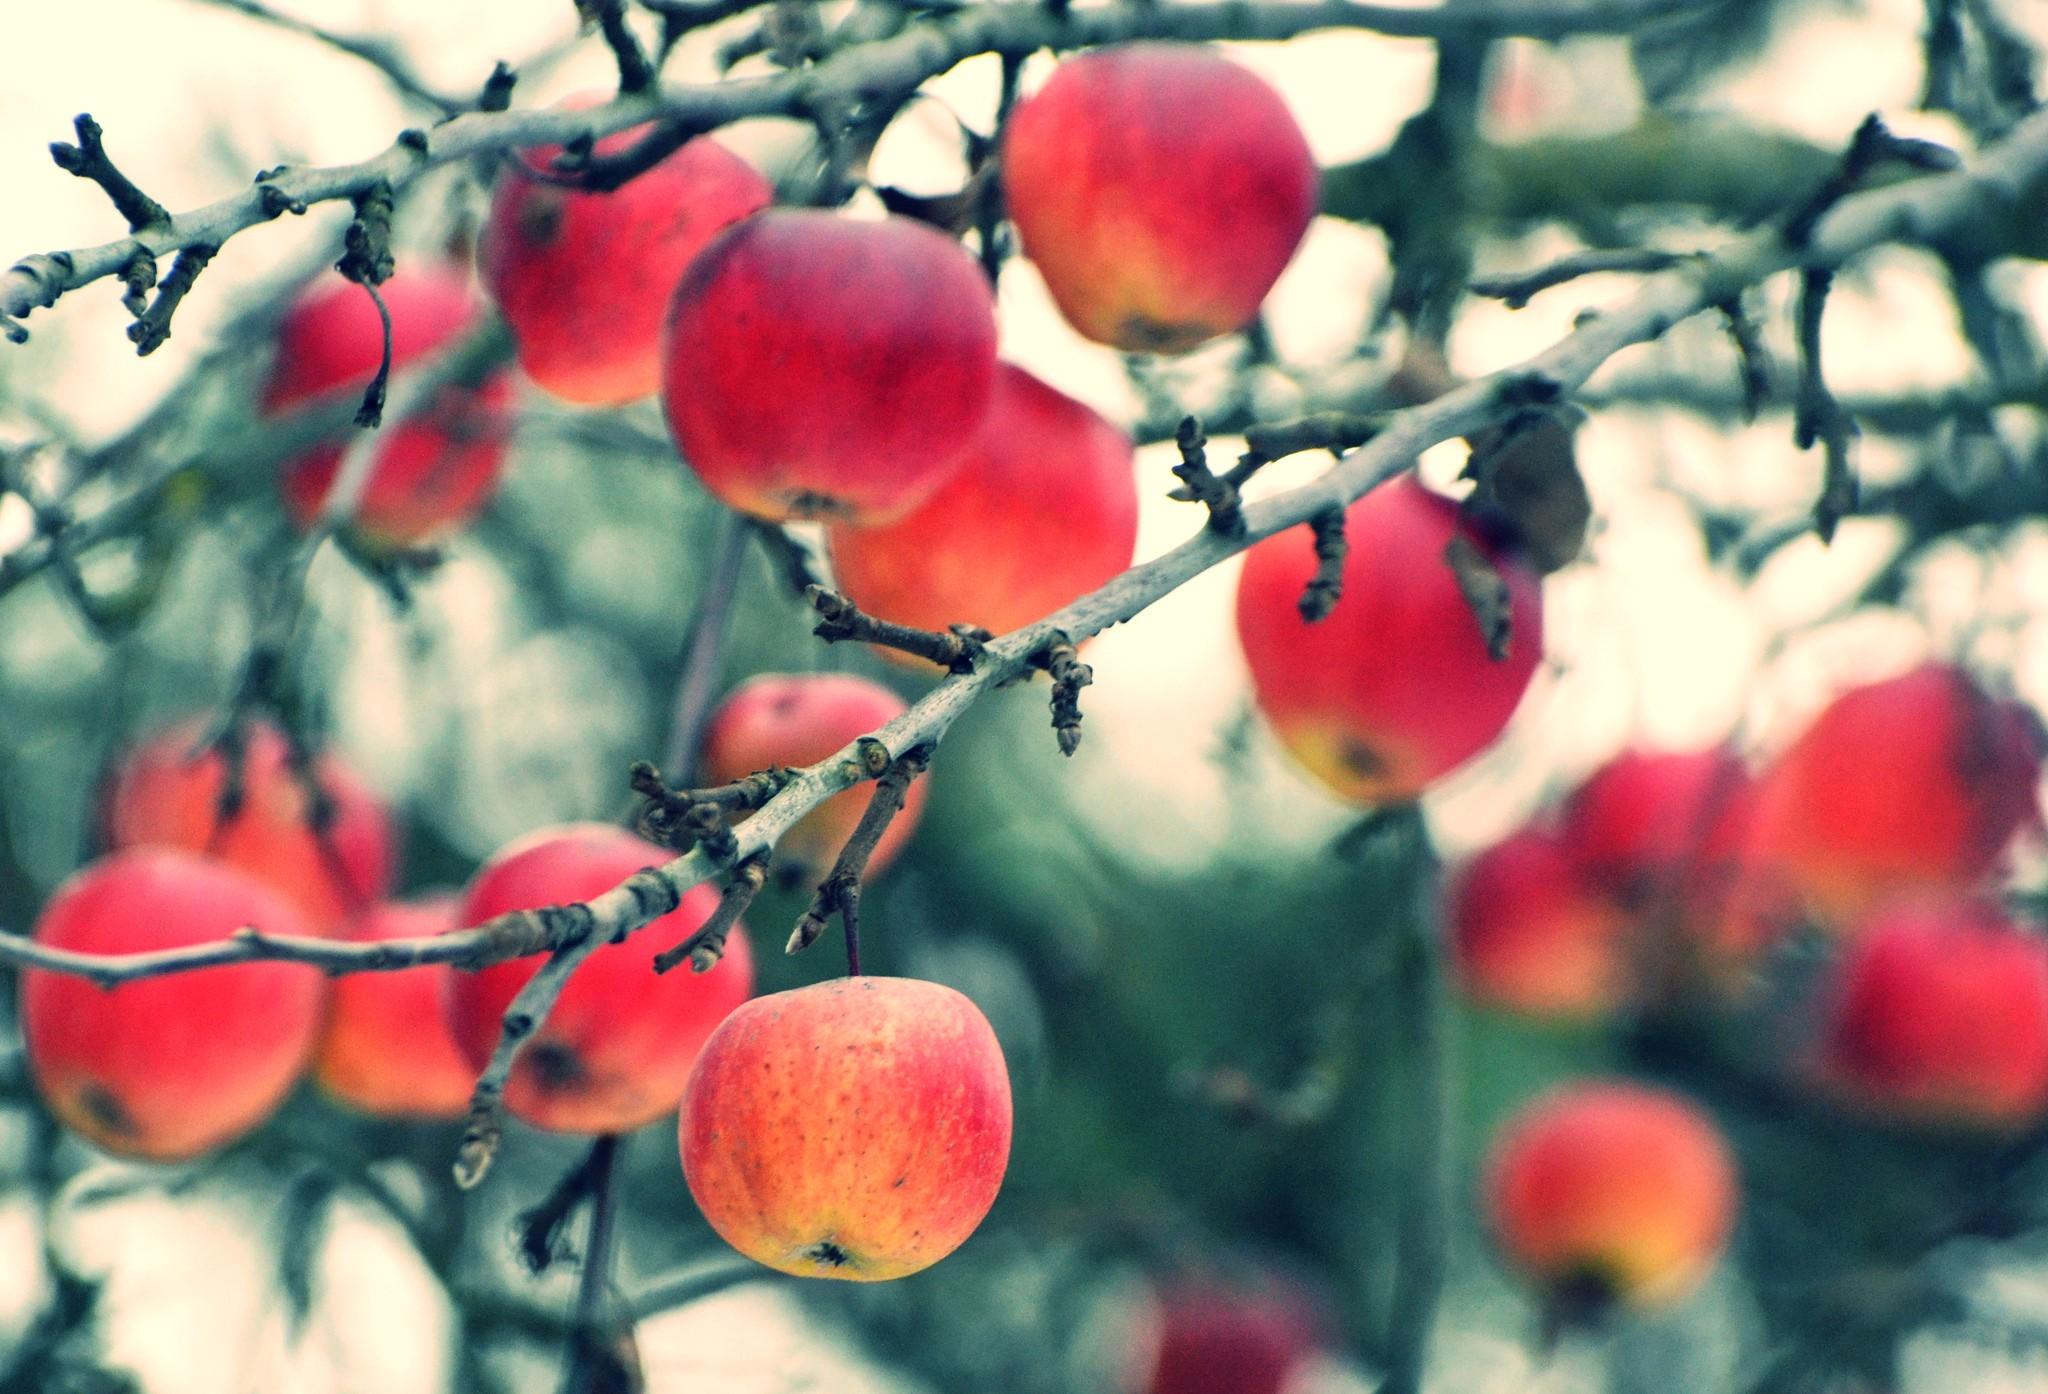 Unduh 7100 Koleksi Wallpaper Bunga Pohon Dan Buah HD Terbaik